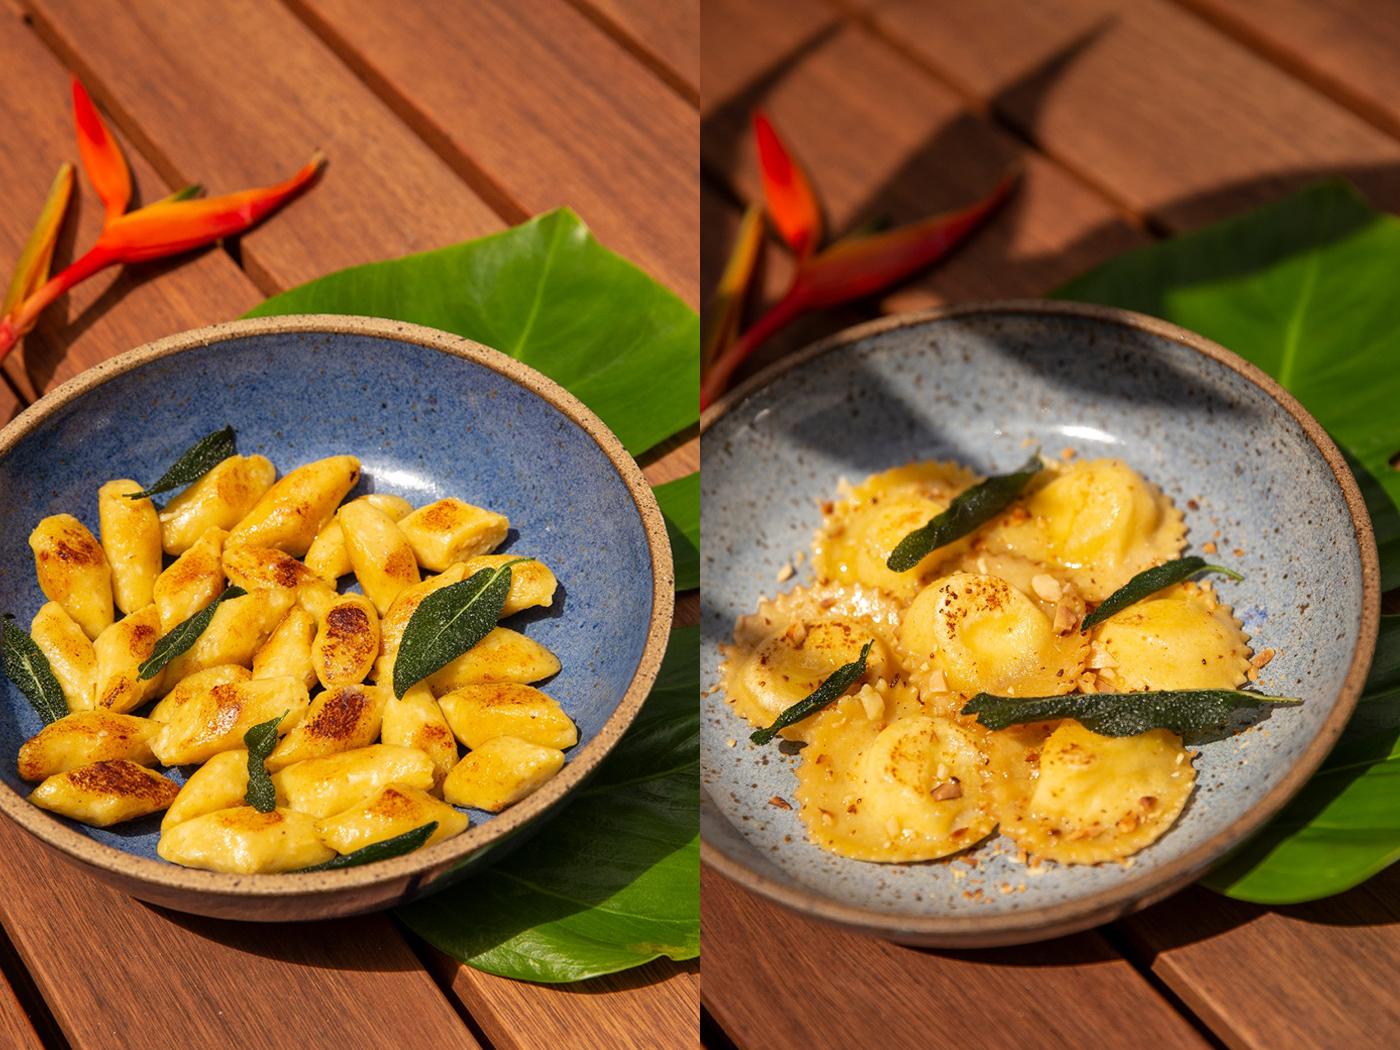 Restaurante oferece pratos brasileiros (Fotos: divulgação)